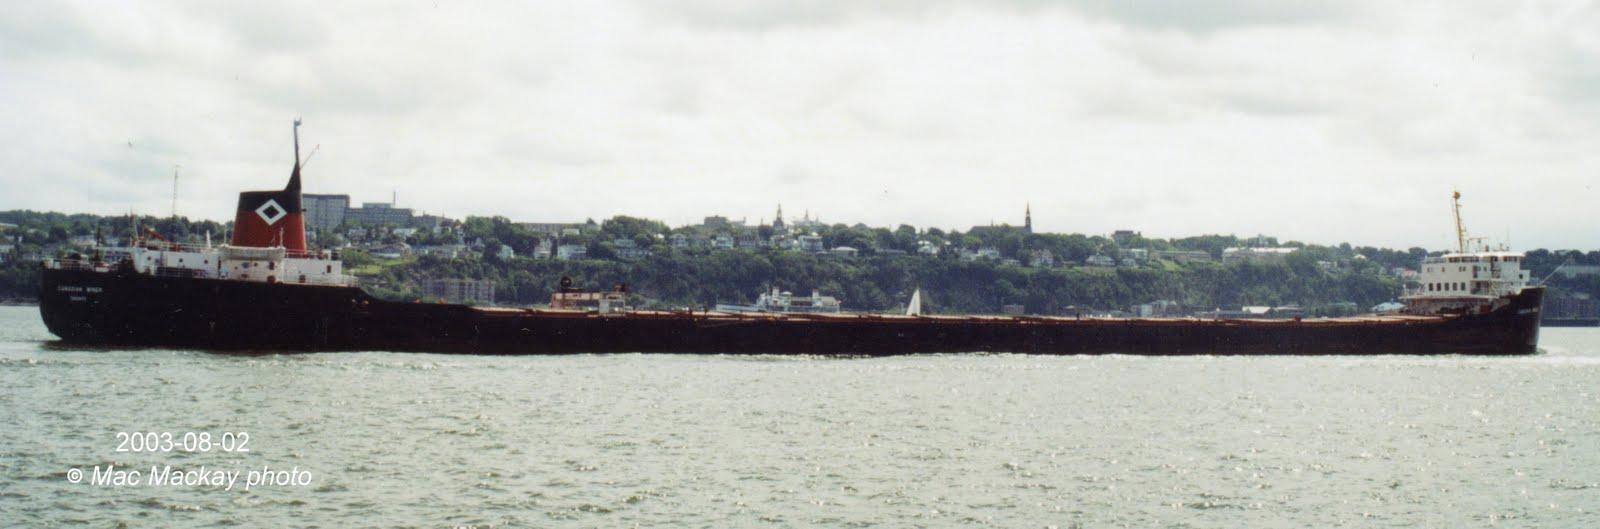 shipfax september 2011